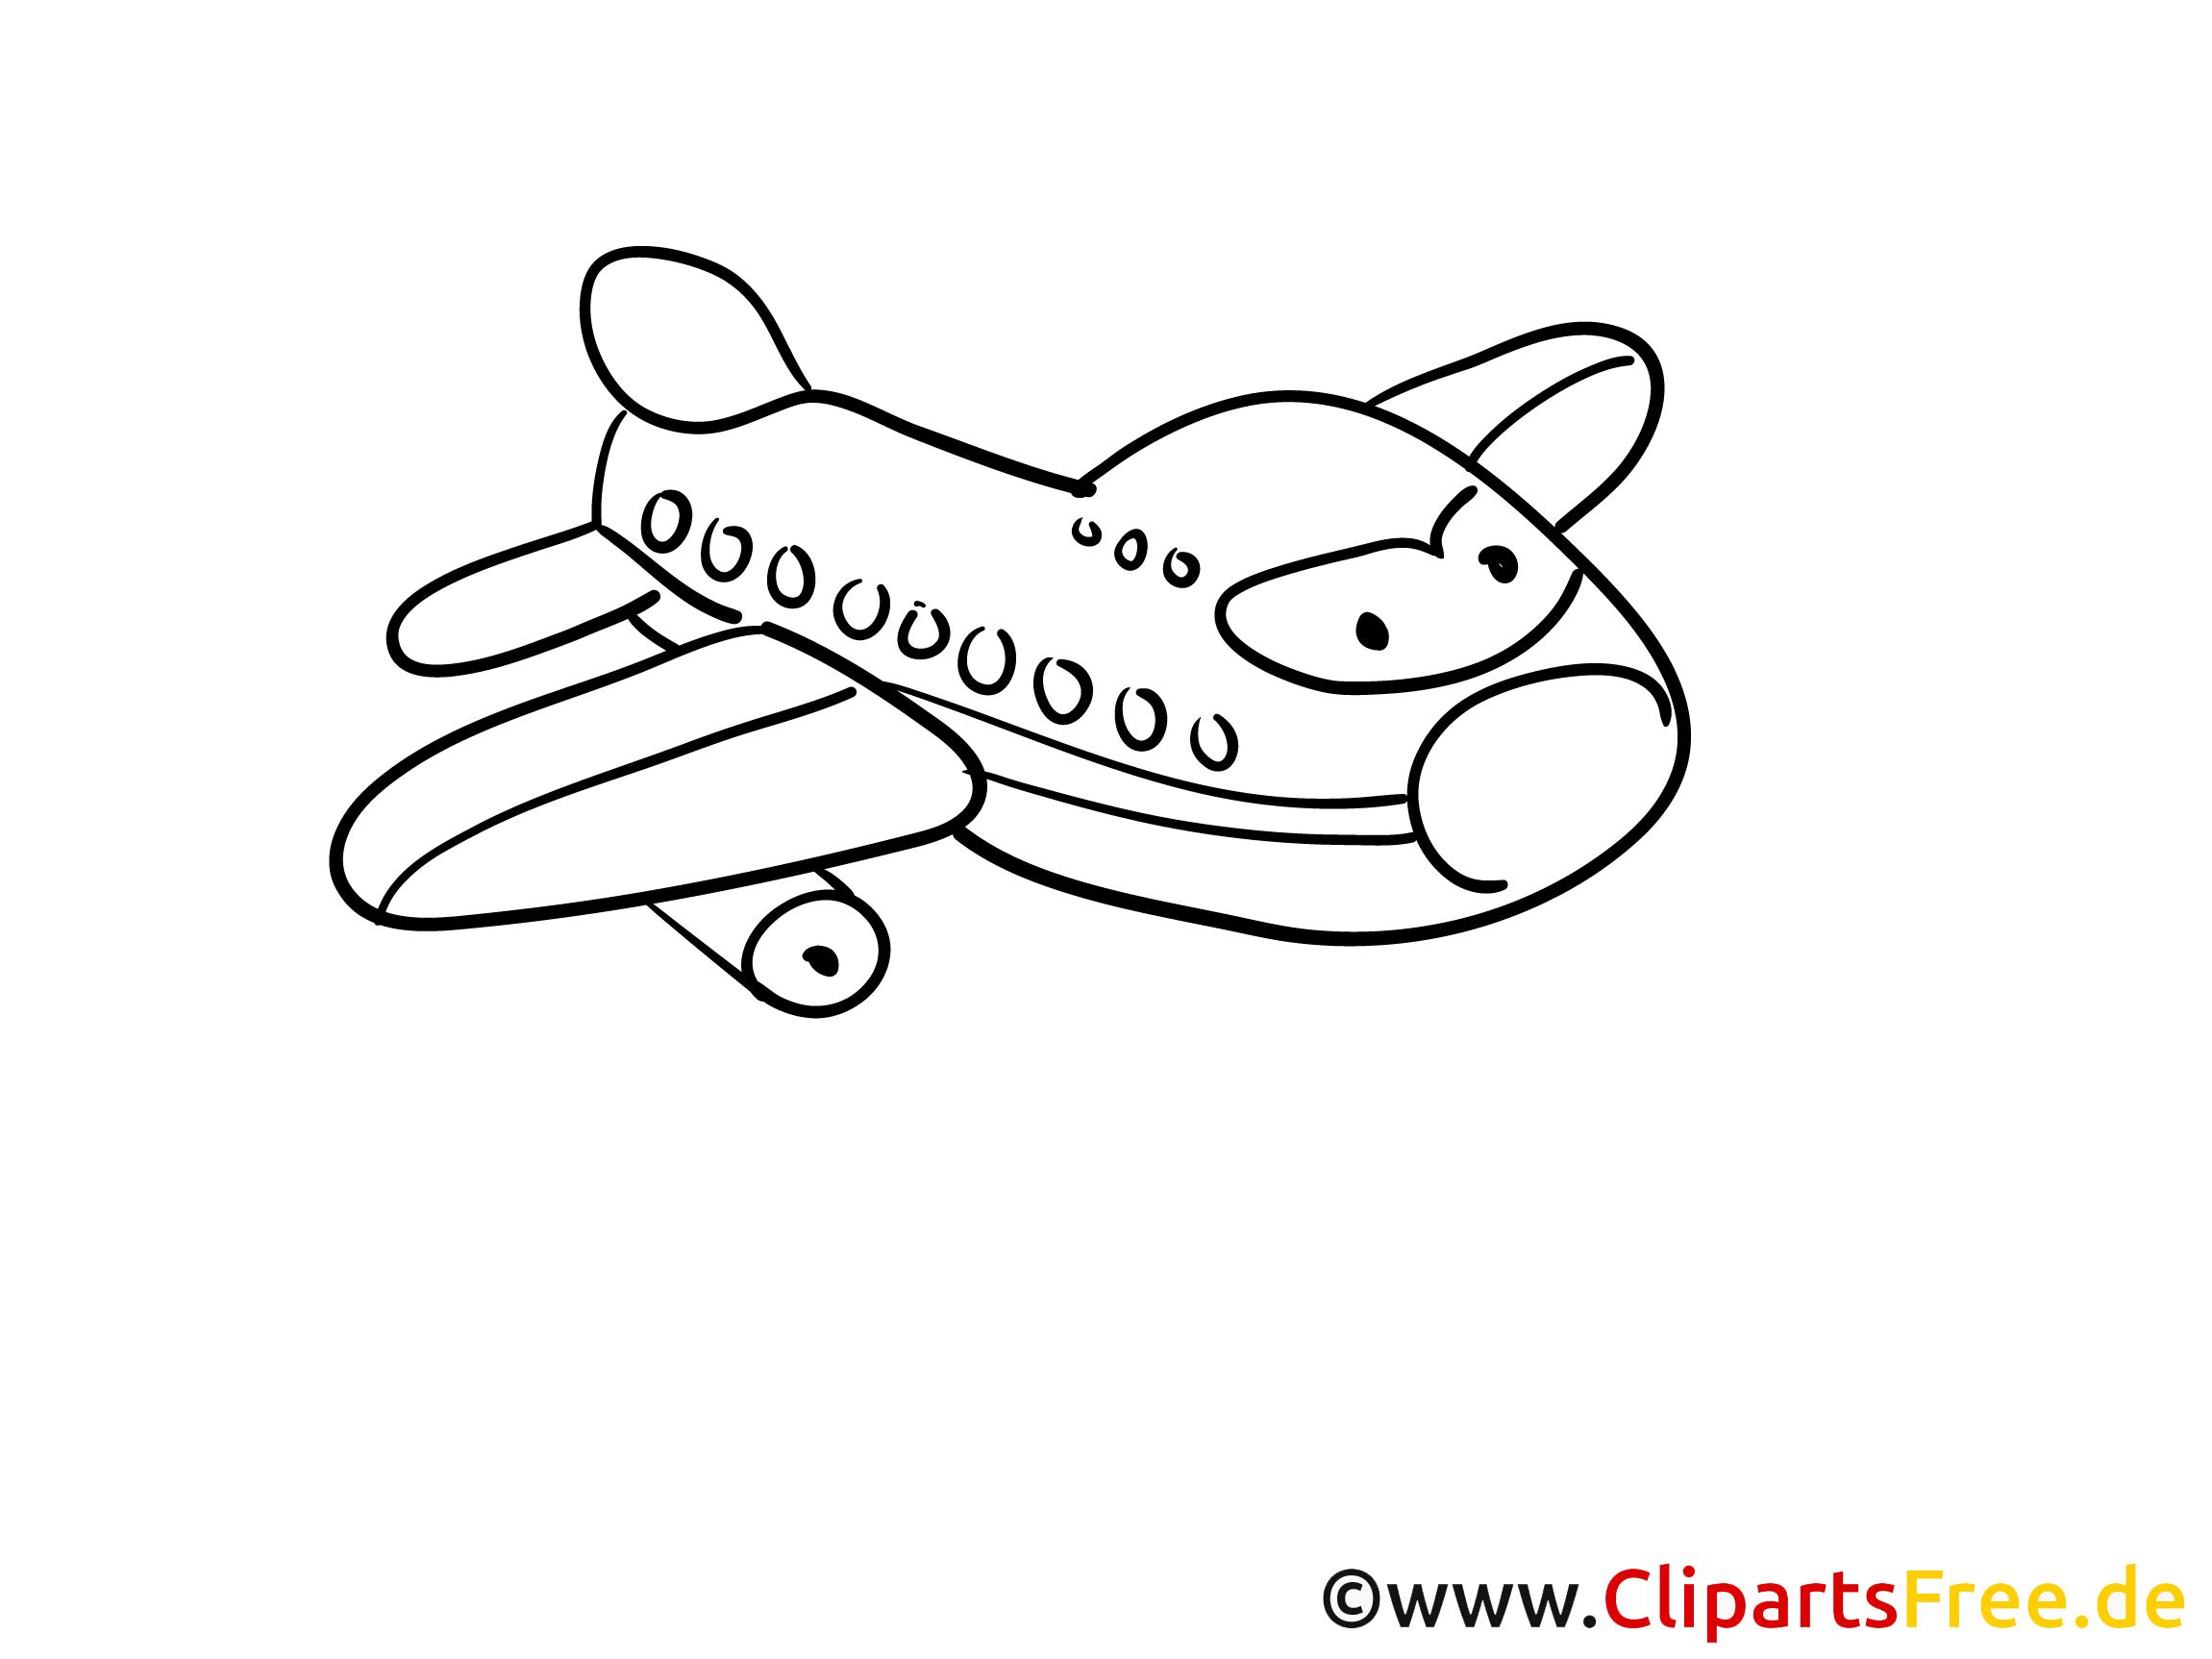 himmel passagierflugzeug malvorlagen flugzeuge und transport